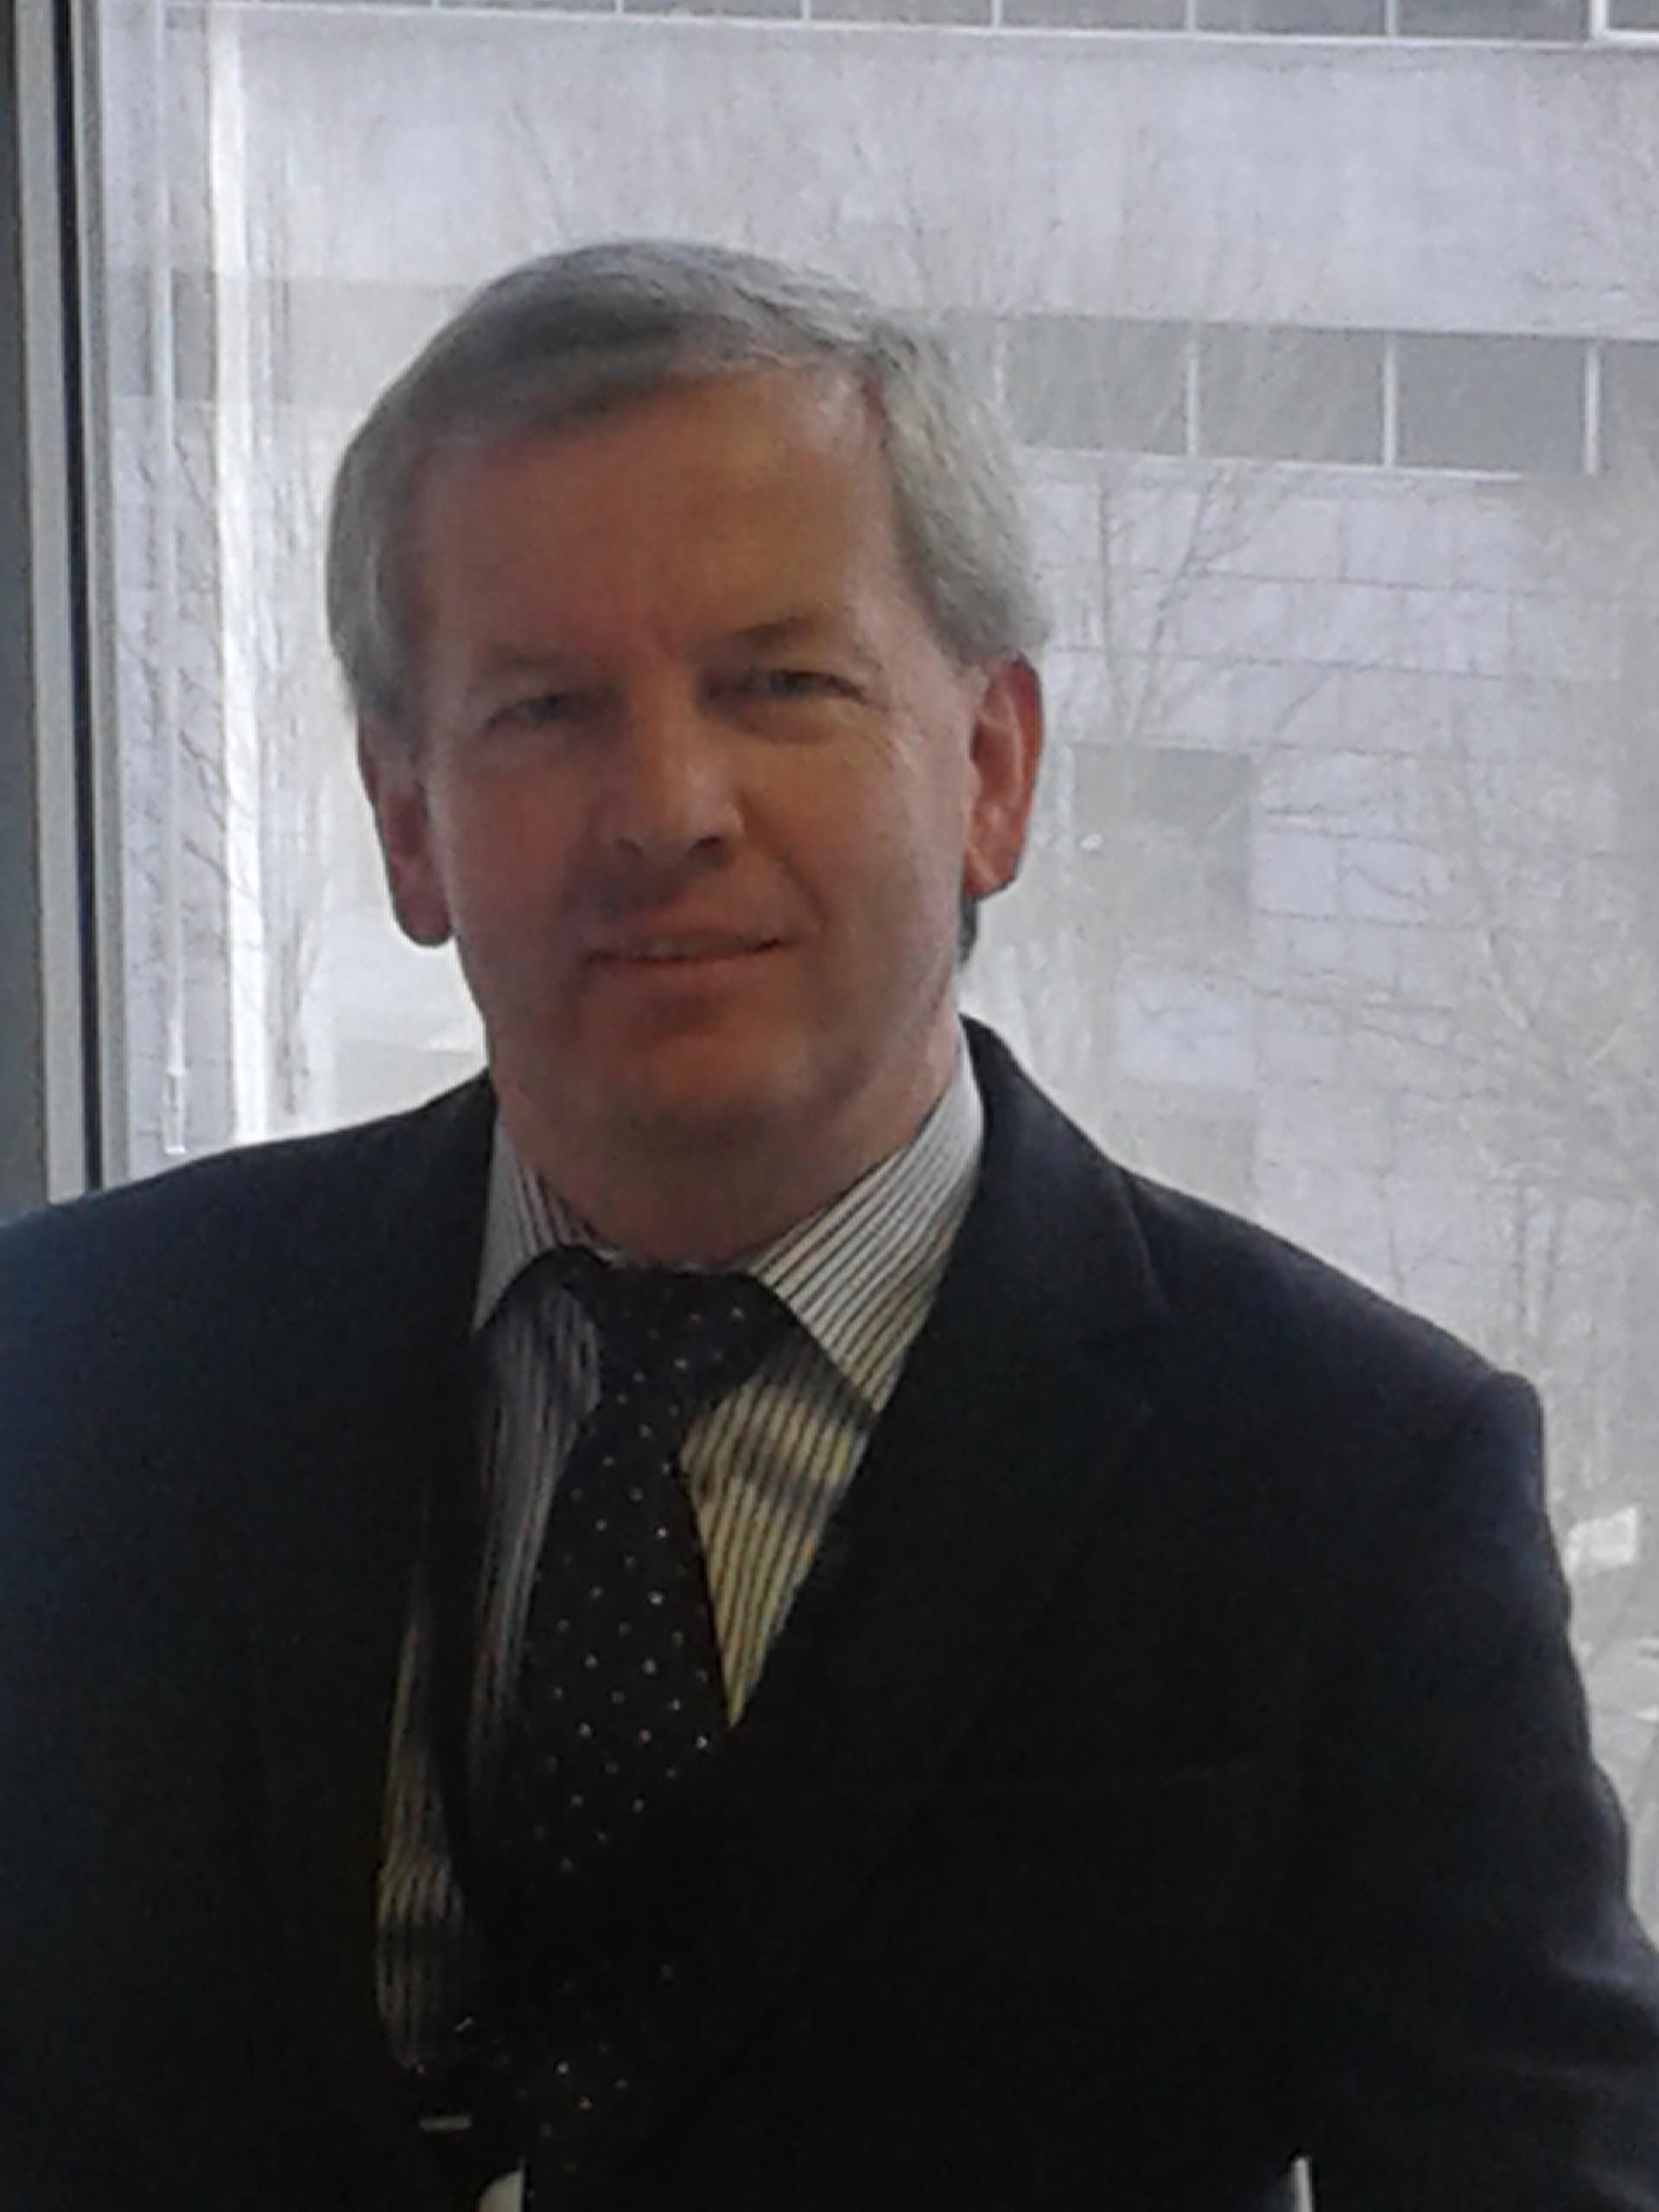 Aidan Maher